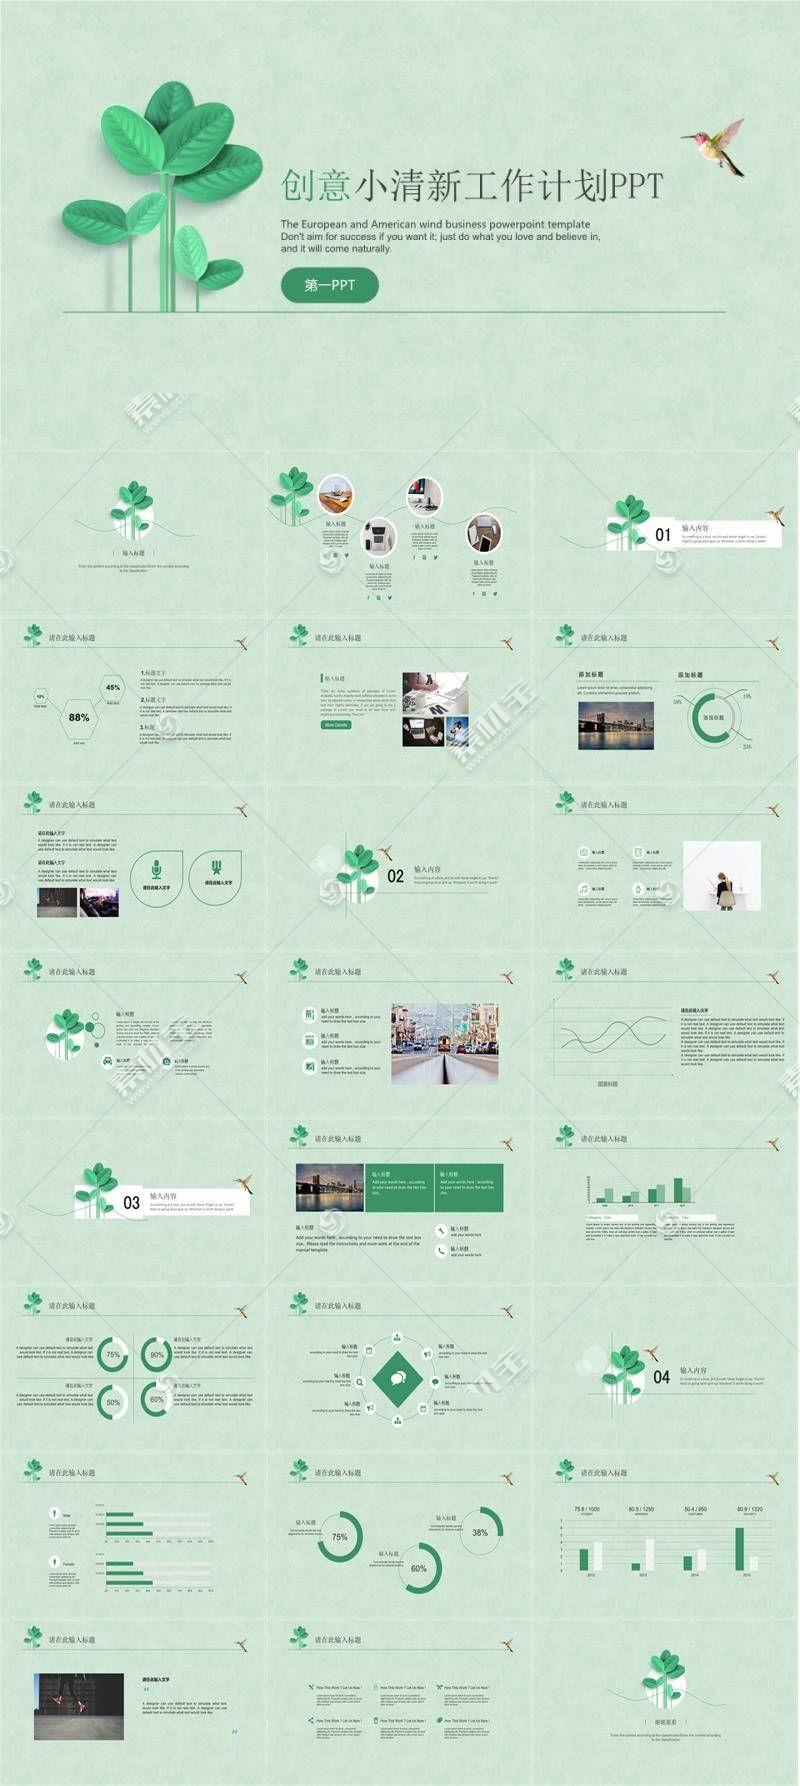 绿色创意叶子背景工作计划ppt模板图片